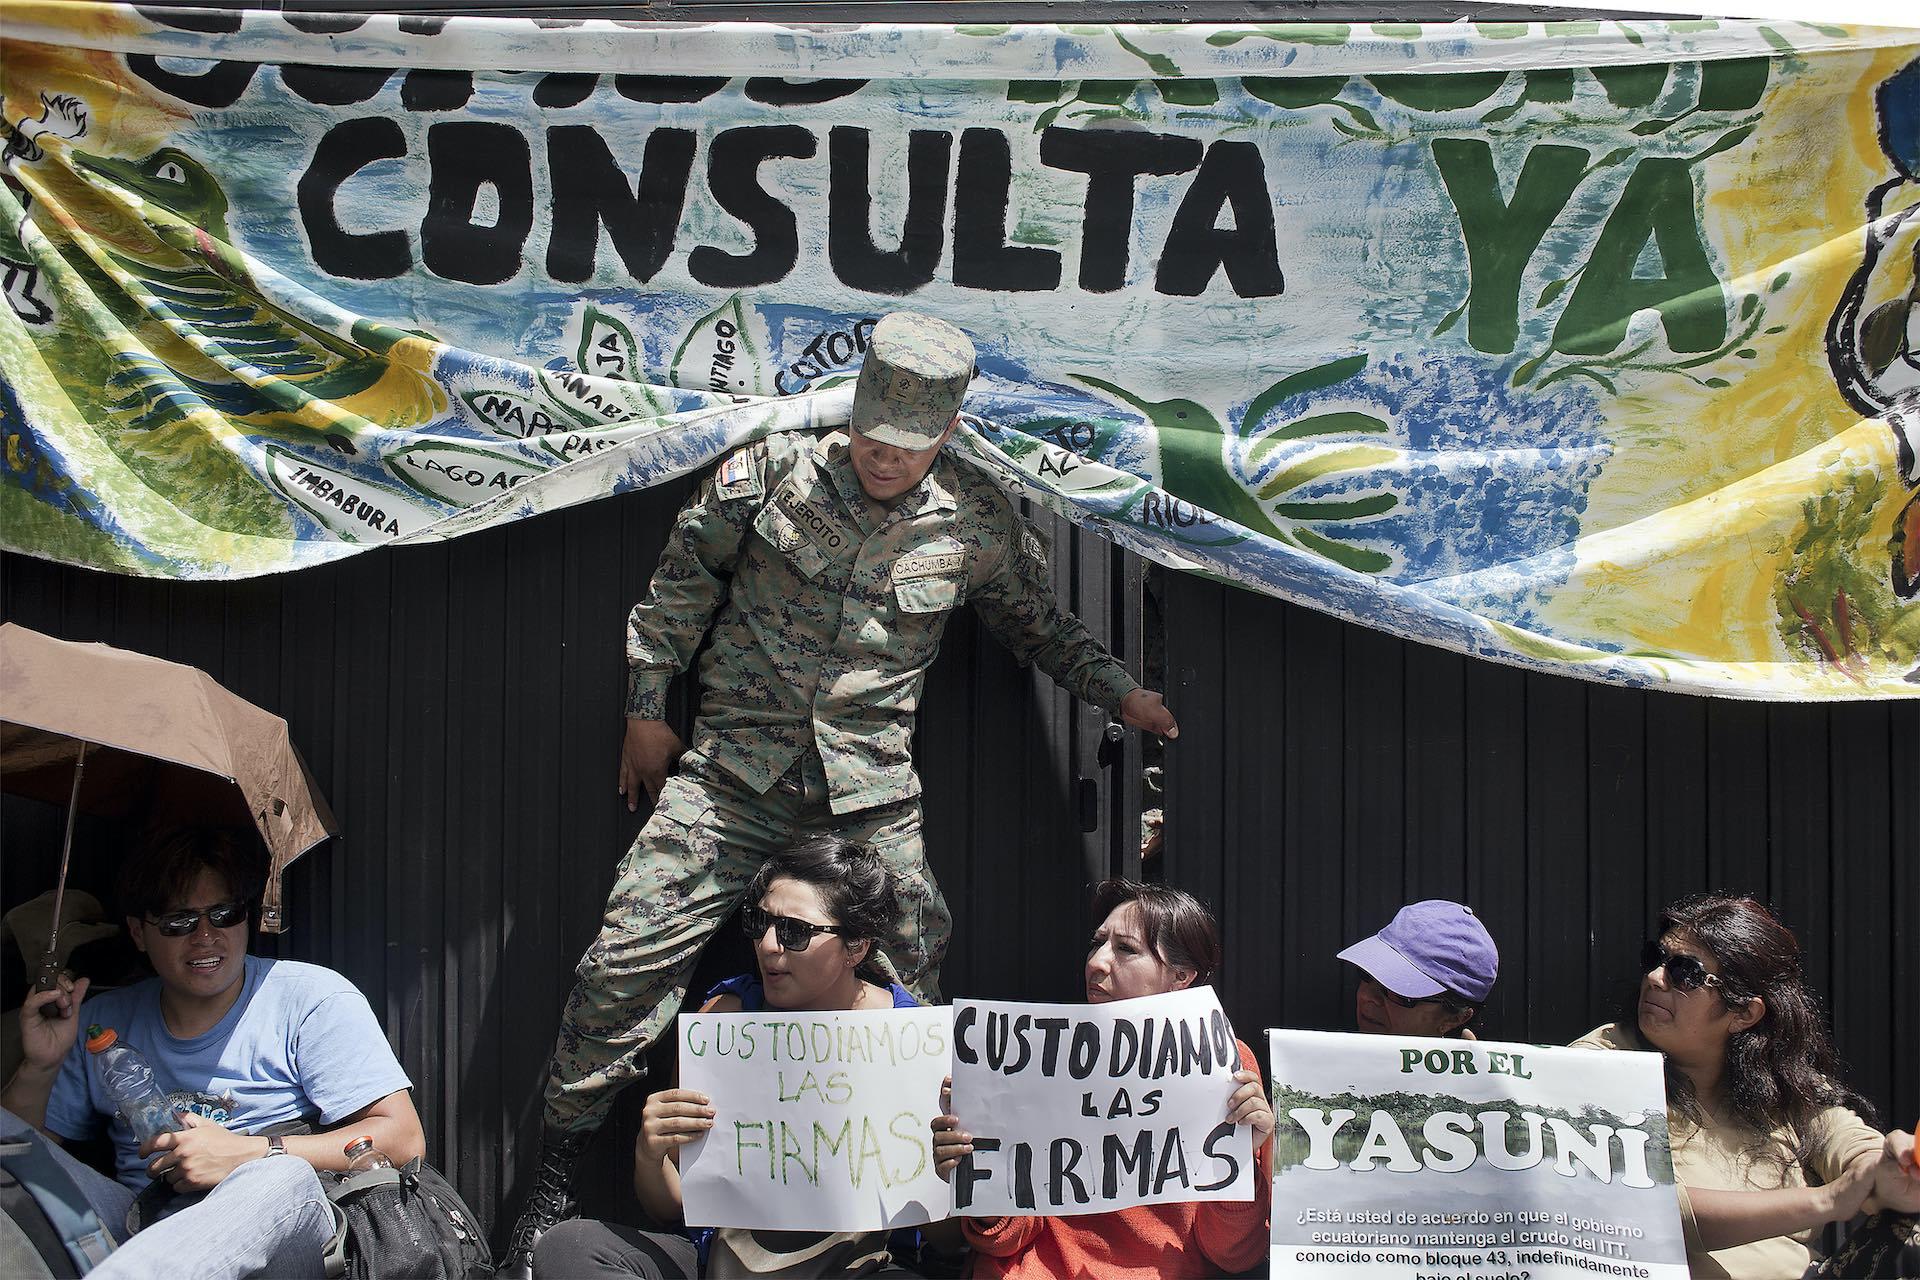 anularon firmas a los Yasunidos